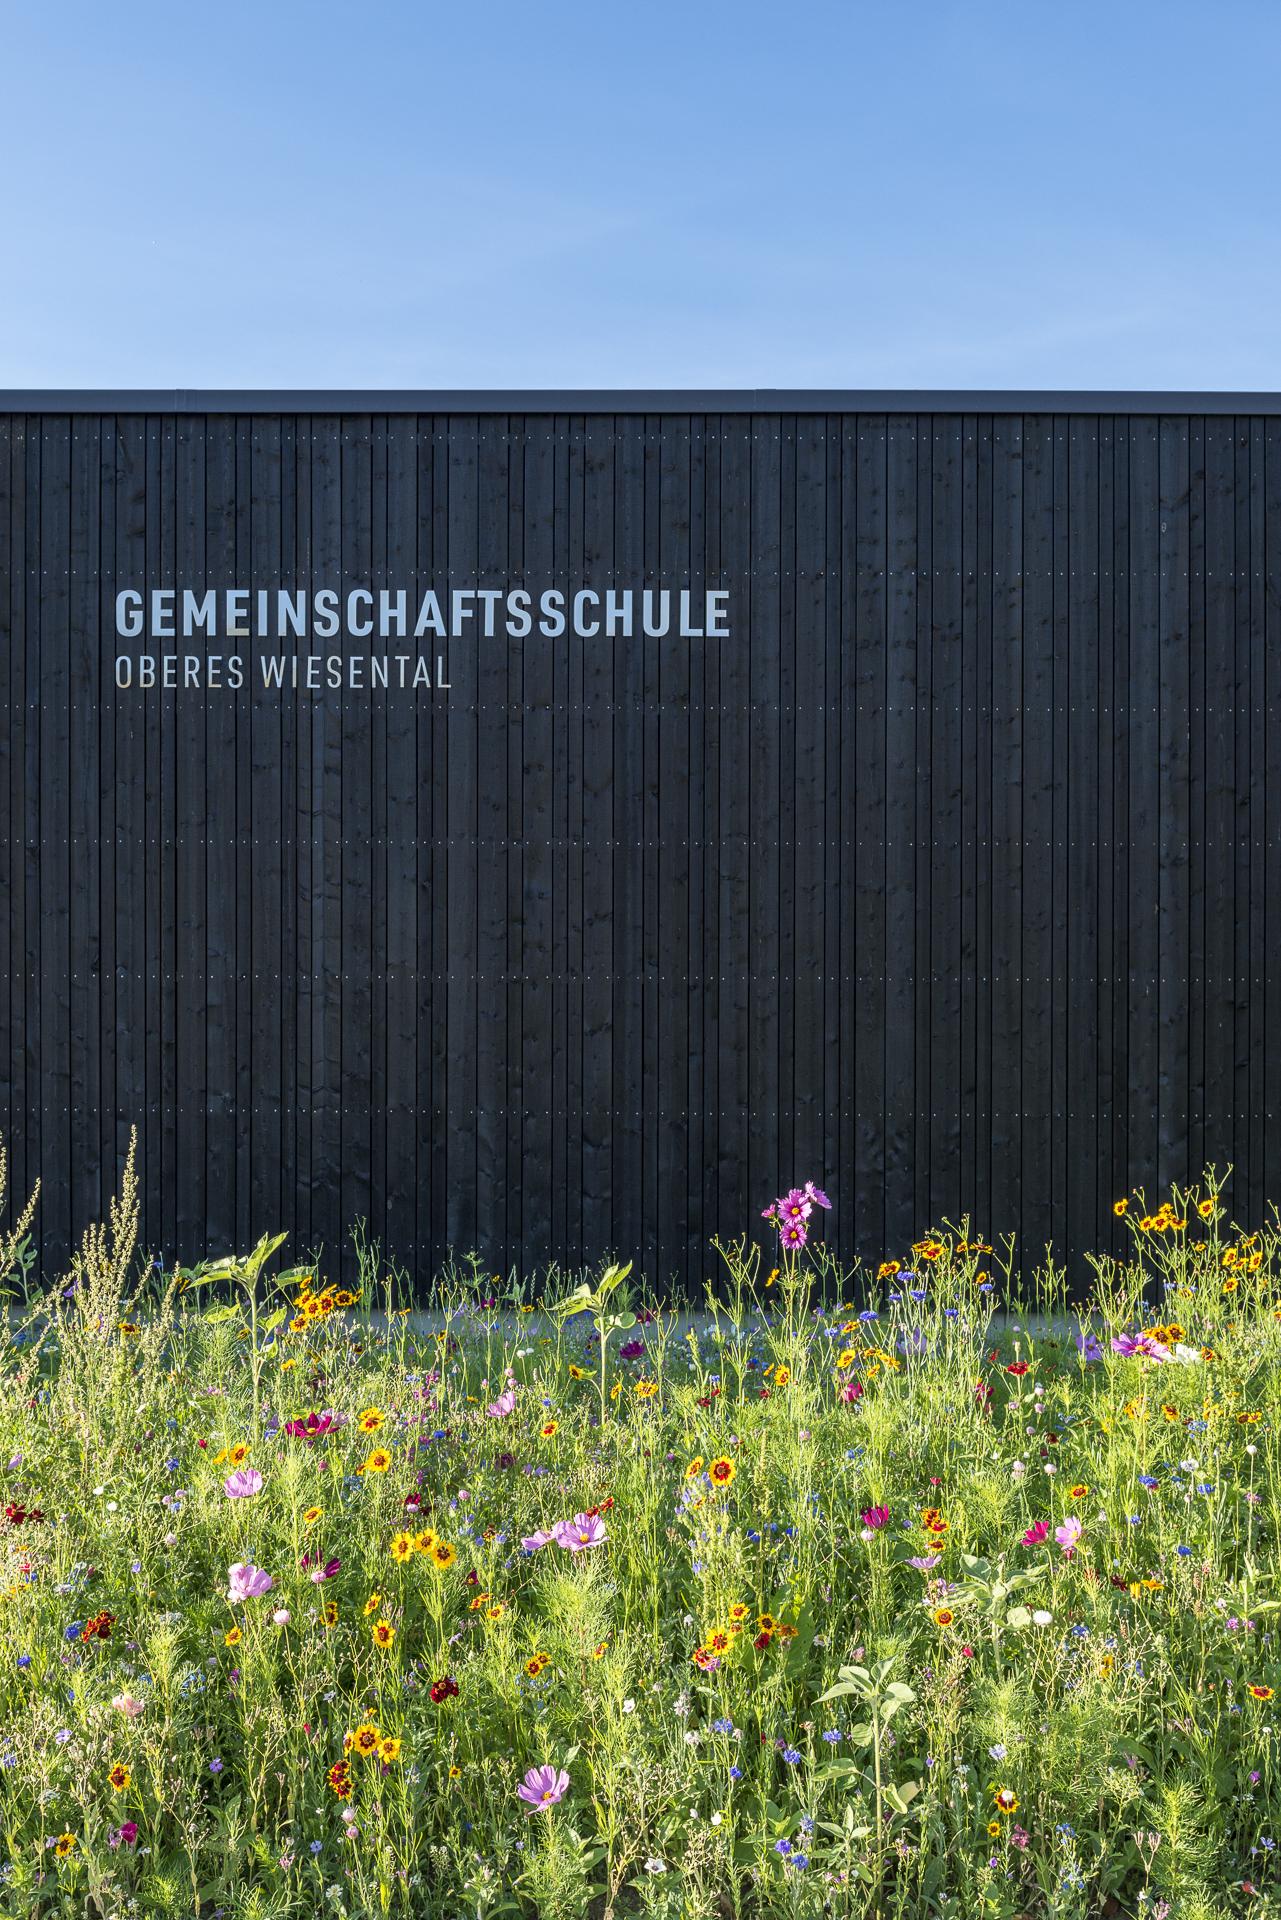 Schulmensa Gemeinschaftsschule Oberes Wiesental